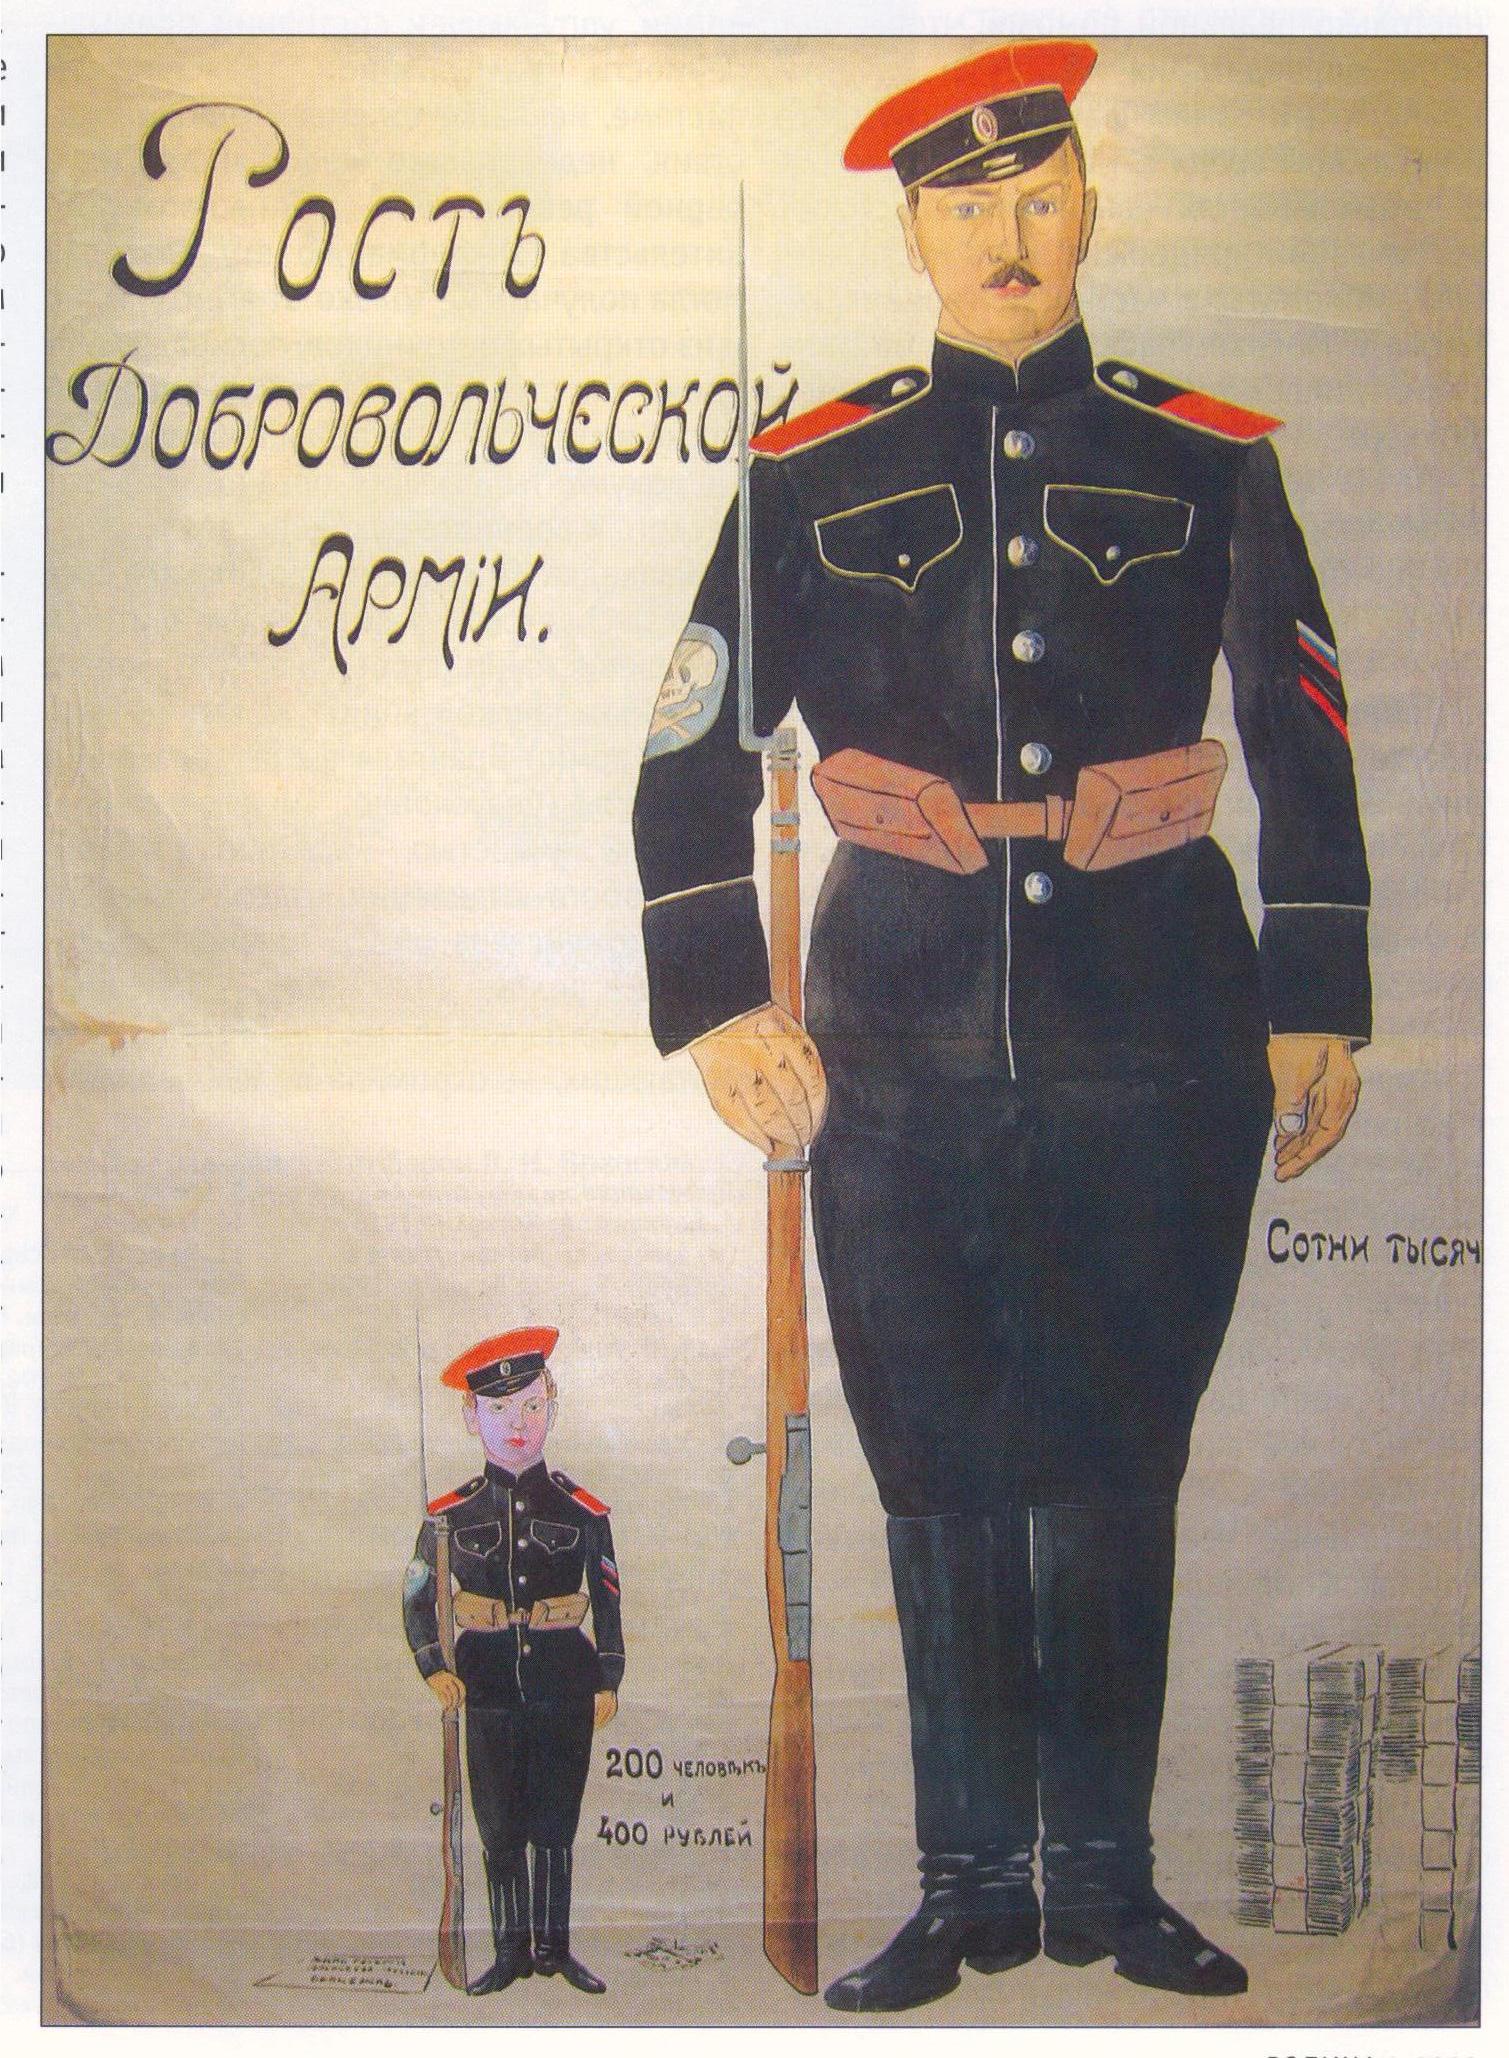 38. Рост Добровольческой армии